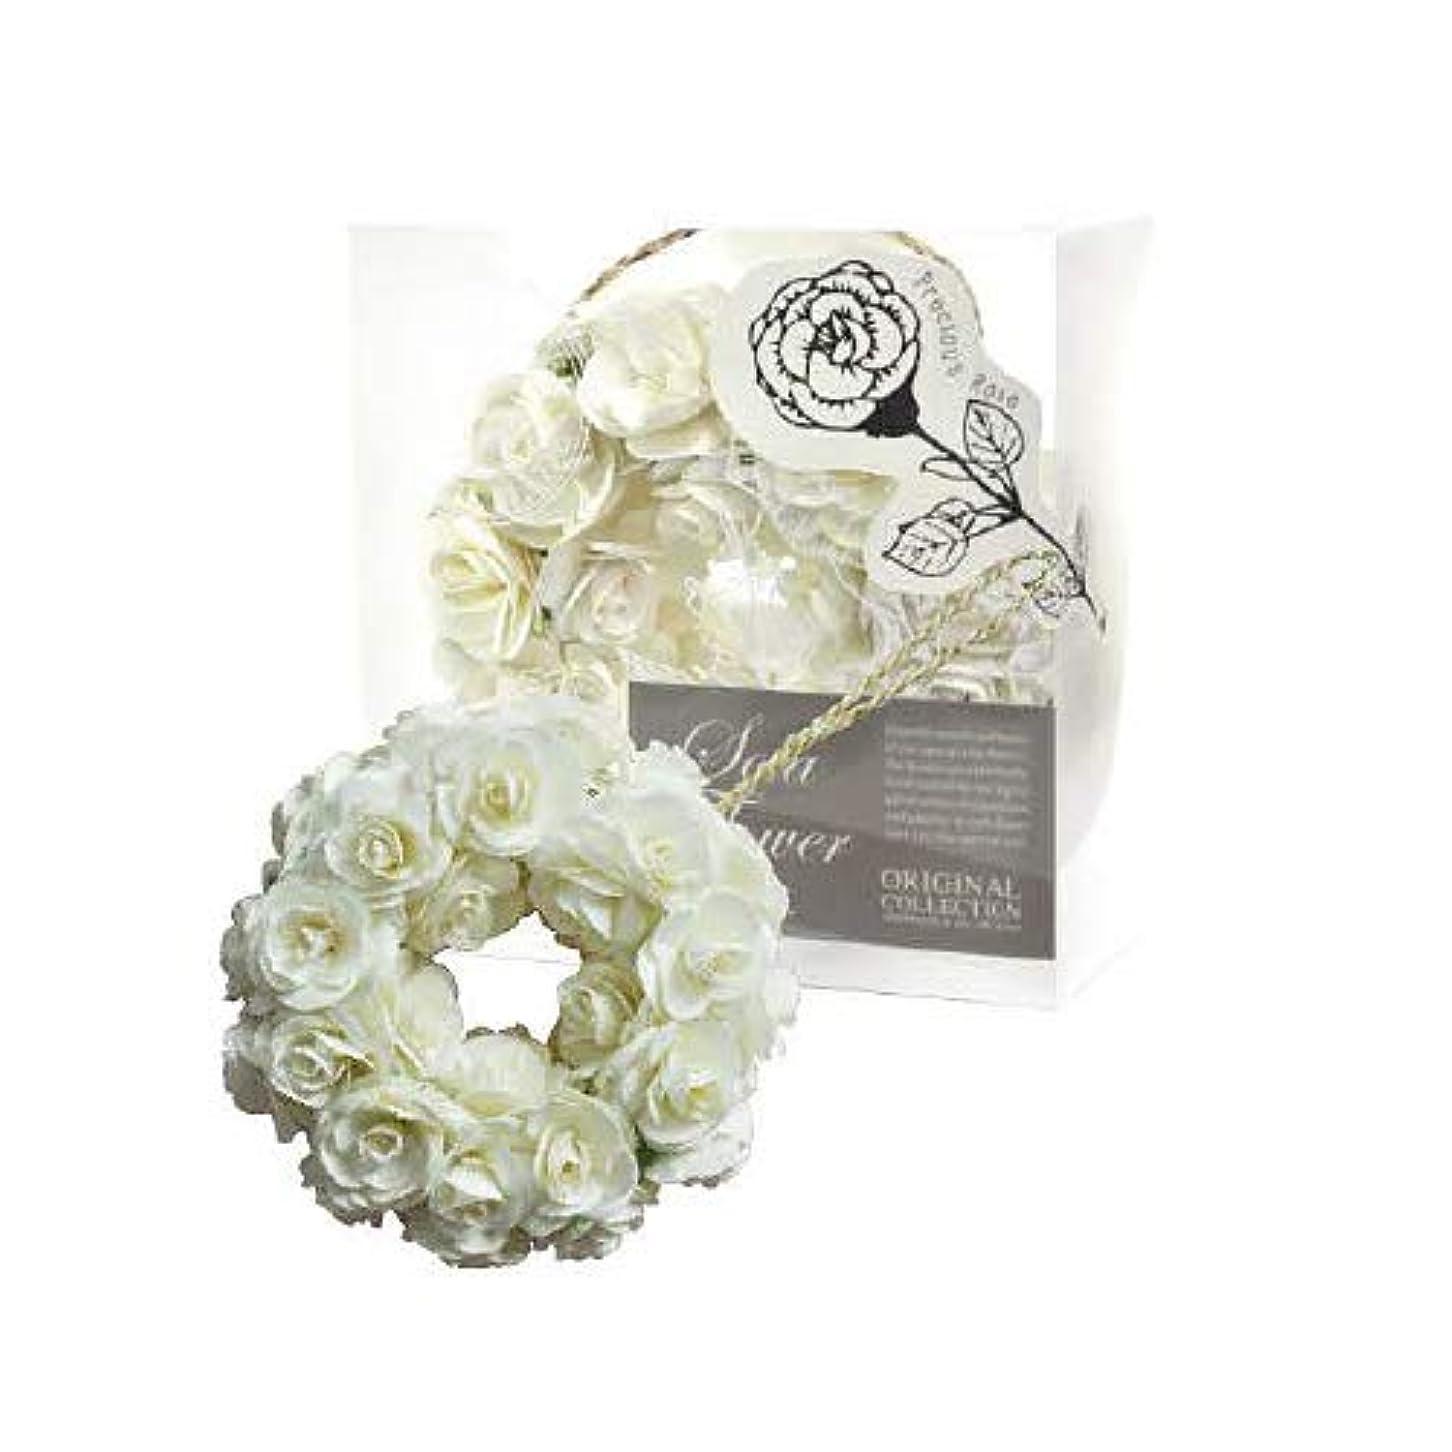 本体表向き付与new Sola Flower ソラフラワー Wreath リース Precious Rose プレシャスローズ